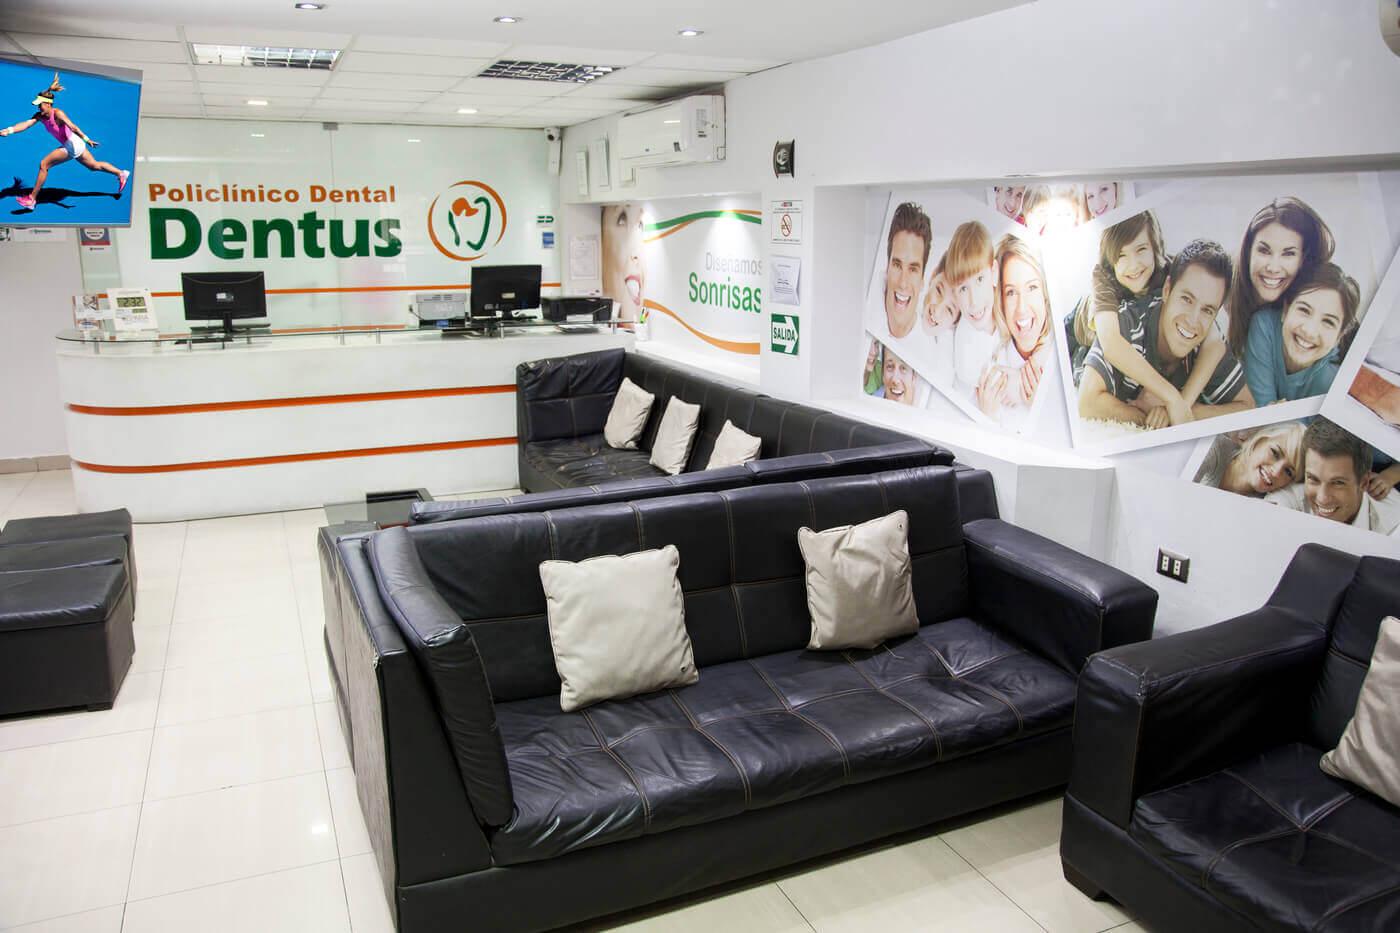 Policlínico Dental Dentus - Infraestructura